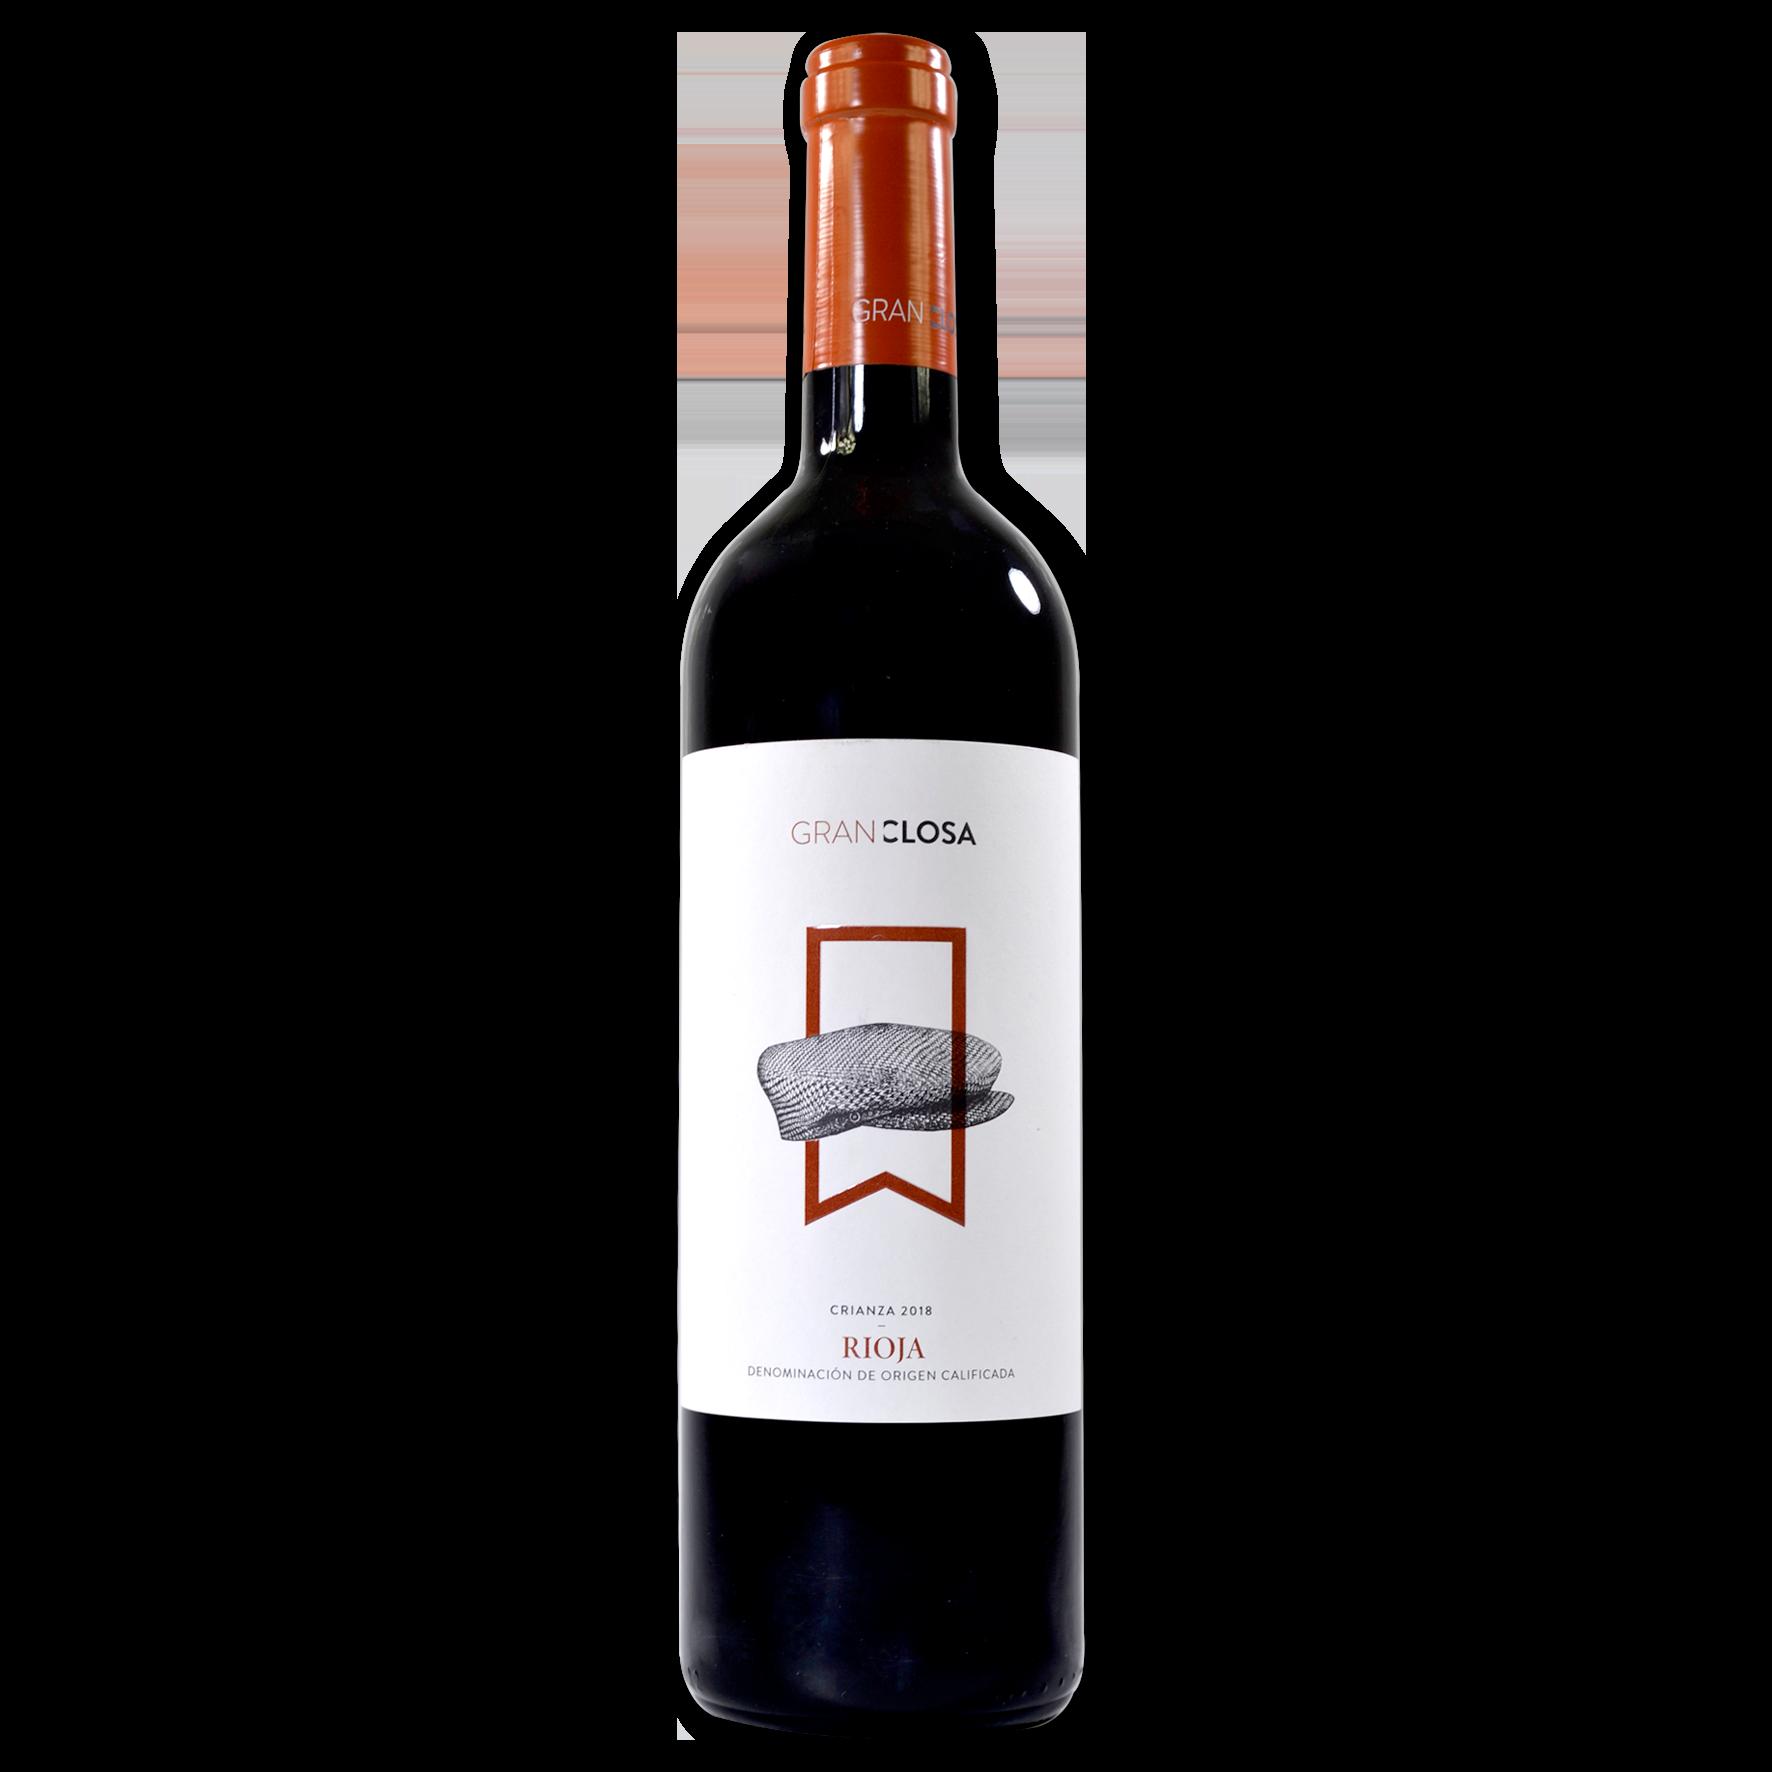 Vino tinto crianza Gran Closa DOC Rioja